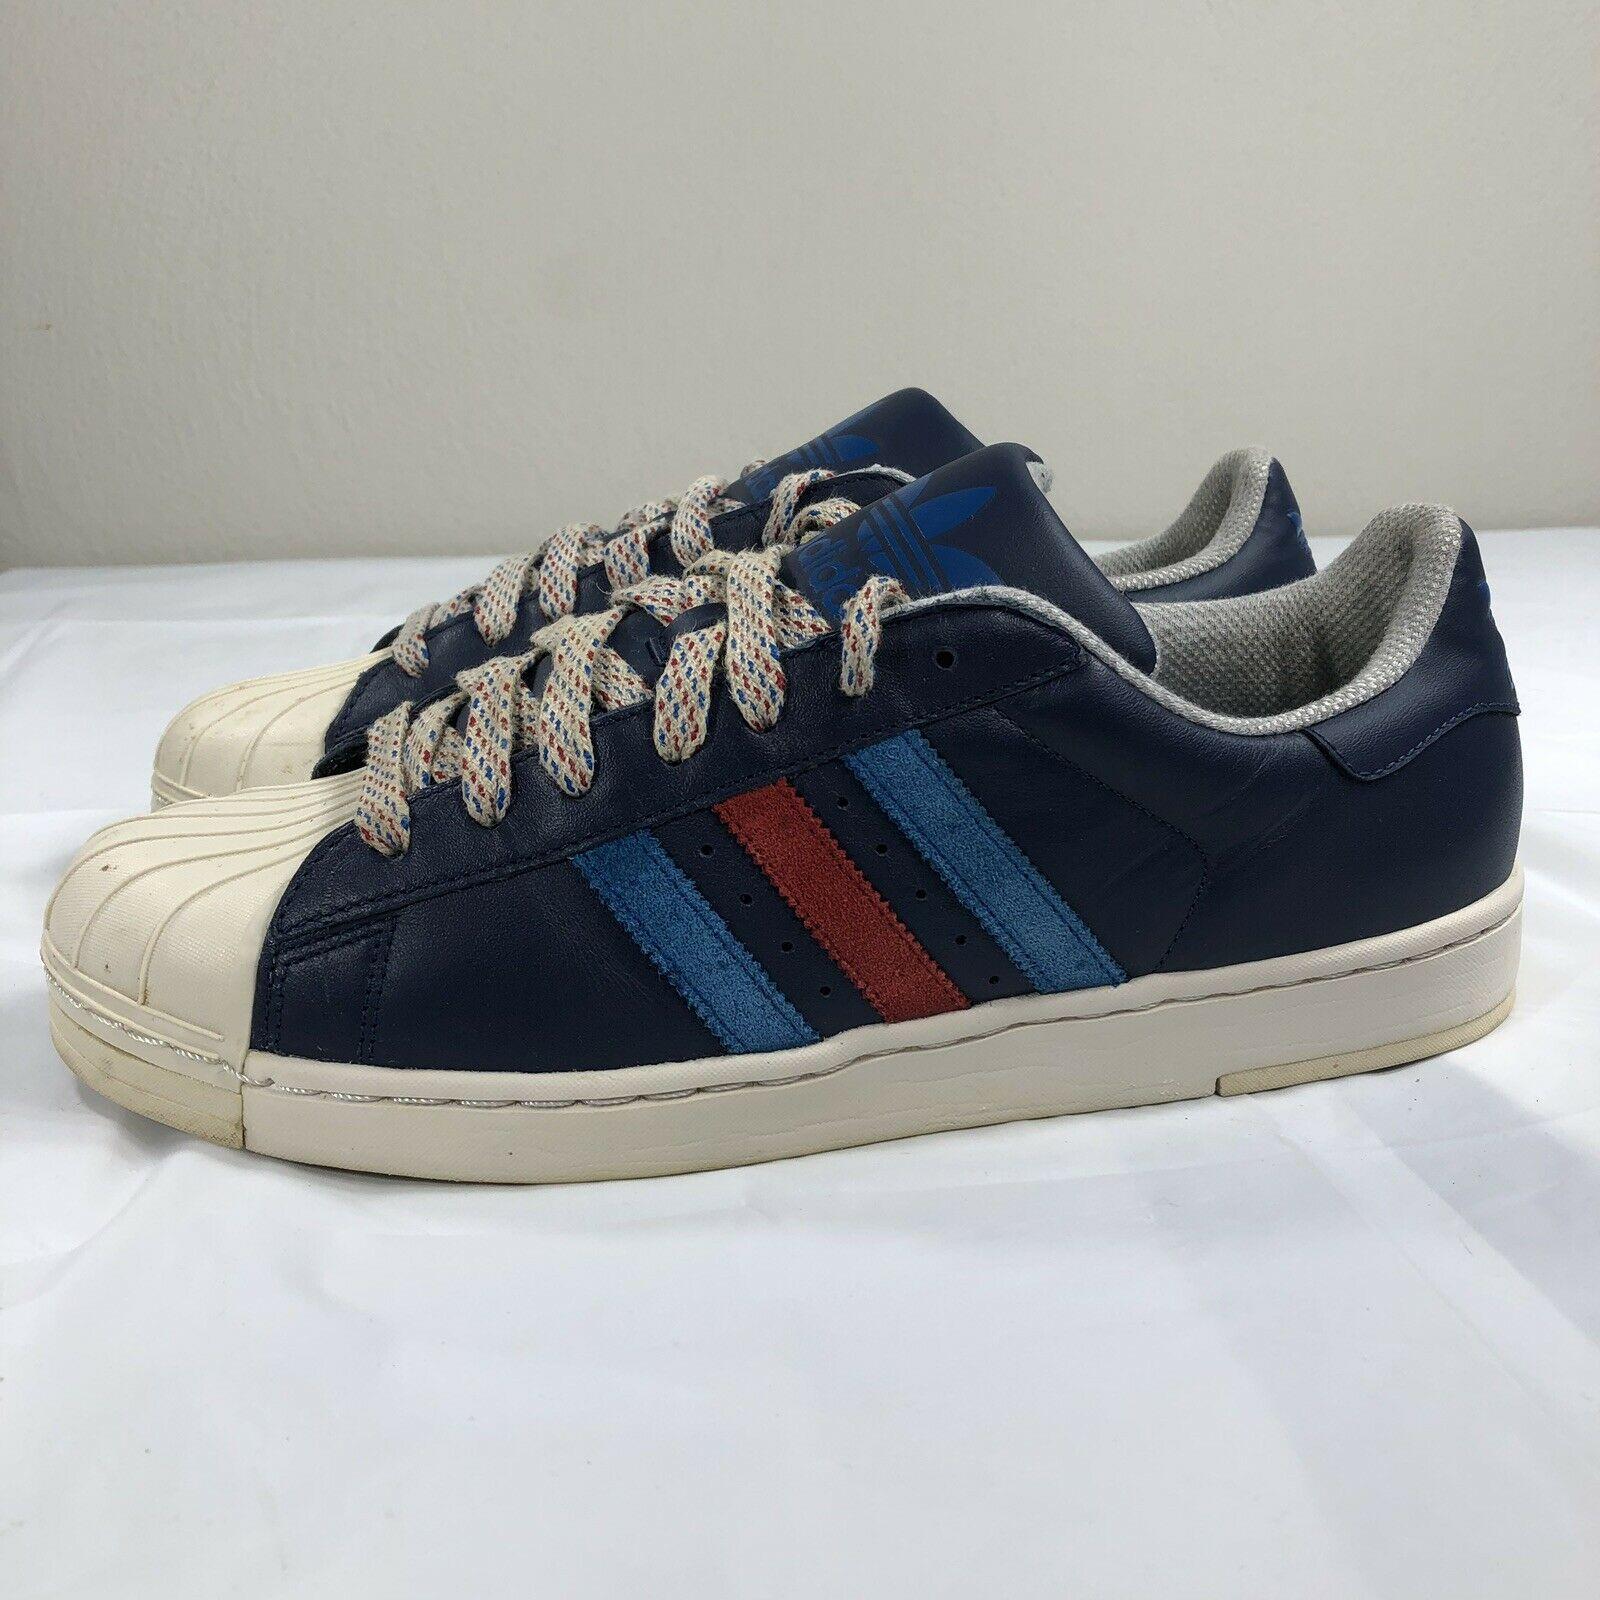 Adidas Superstar Shell Toe Trefoil 2012 Navy and 50 similar